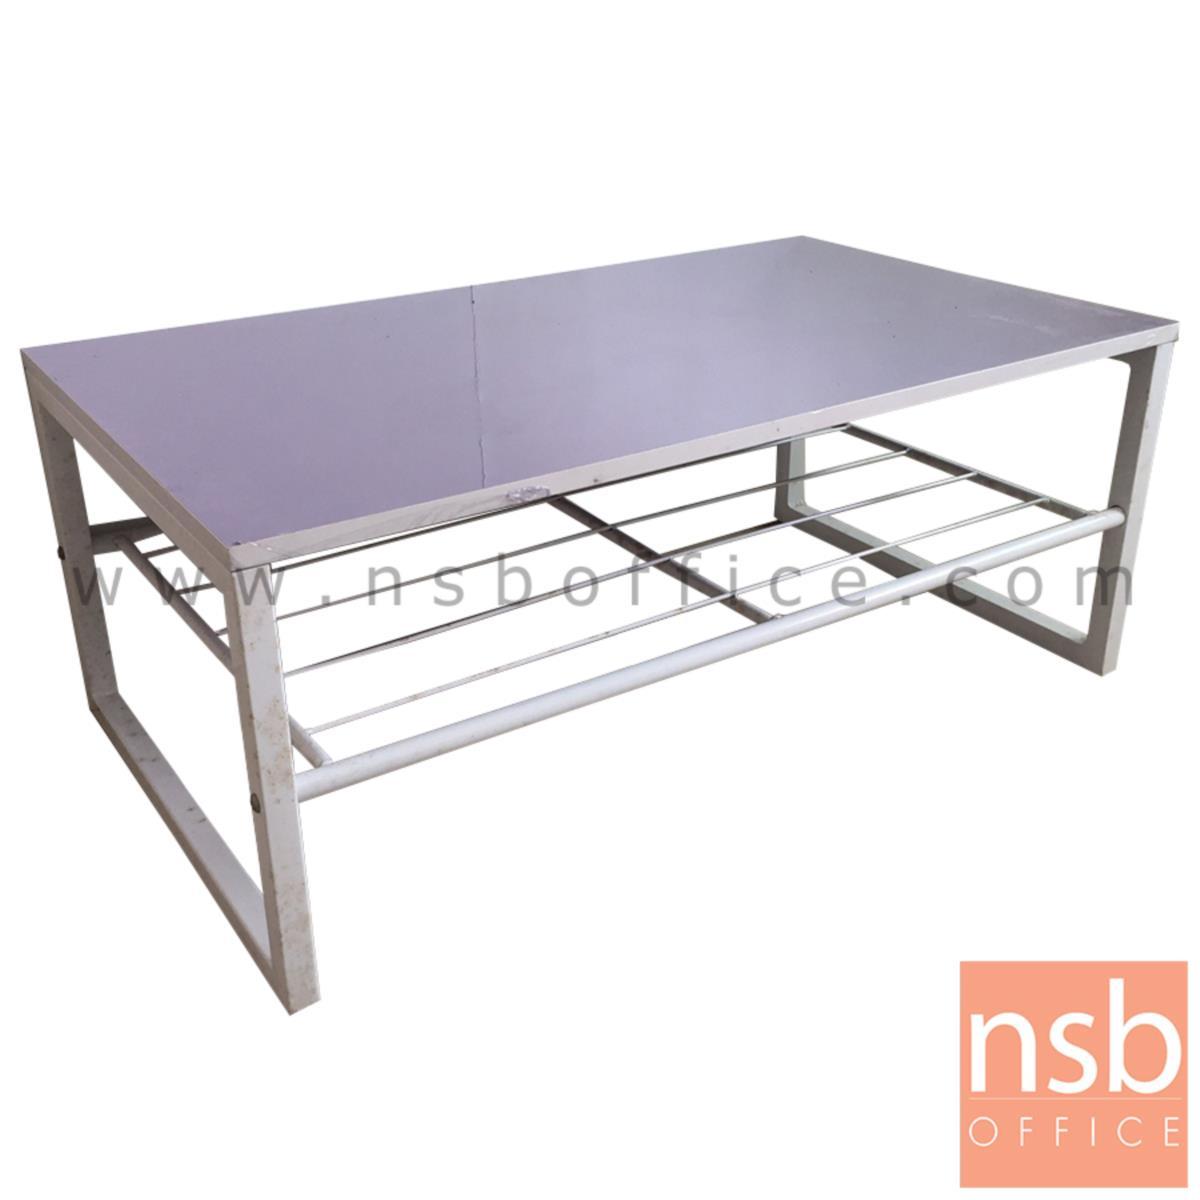 L10A017:โต๊ะกลางพีวีซี TOP ม่วงอ่อน  ขนาด 92W*37.5H cm.  ขาเหล็กพ่นสีขาว